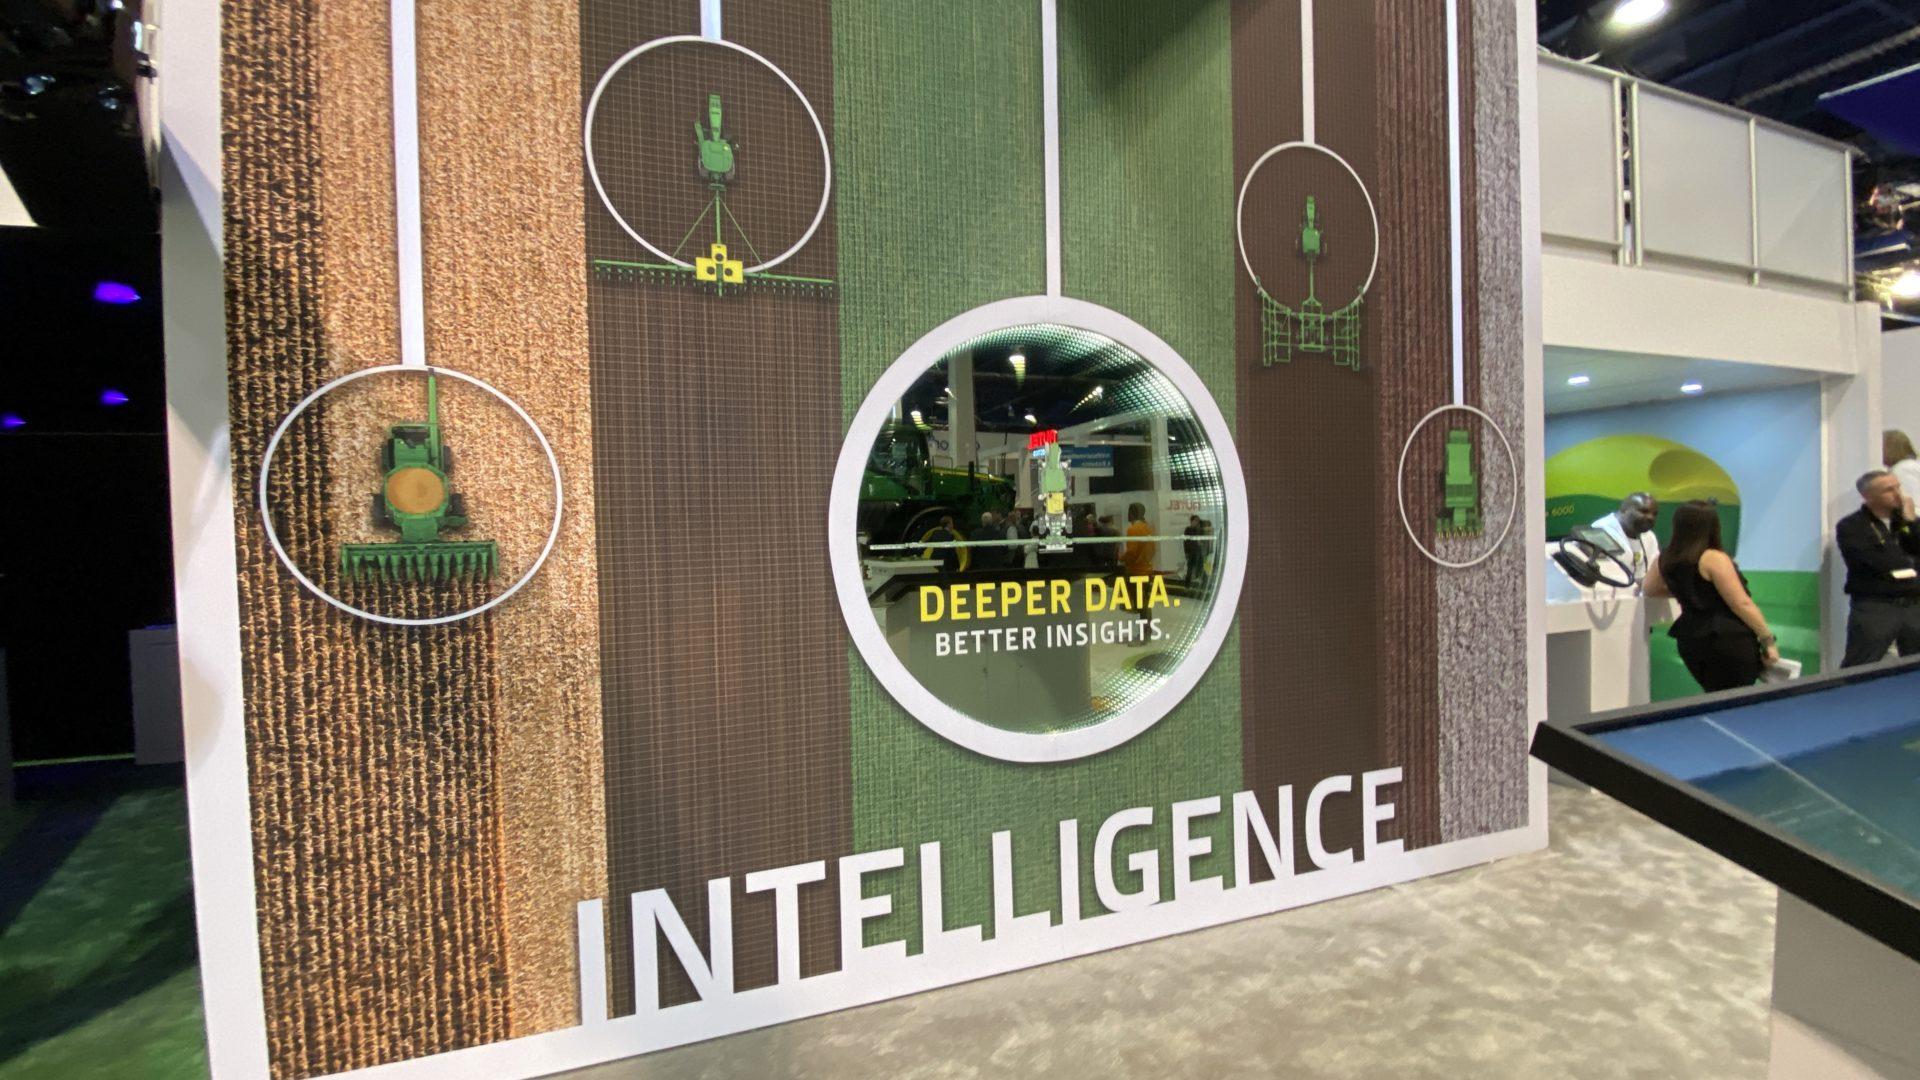 John Deere CES 2020 Intelligence Wall